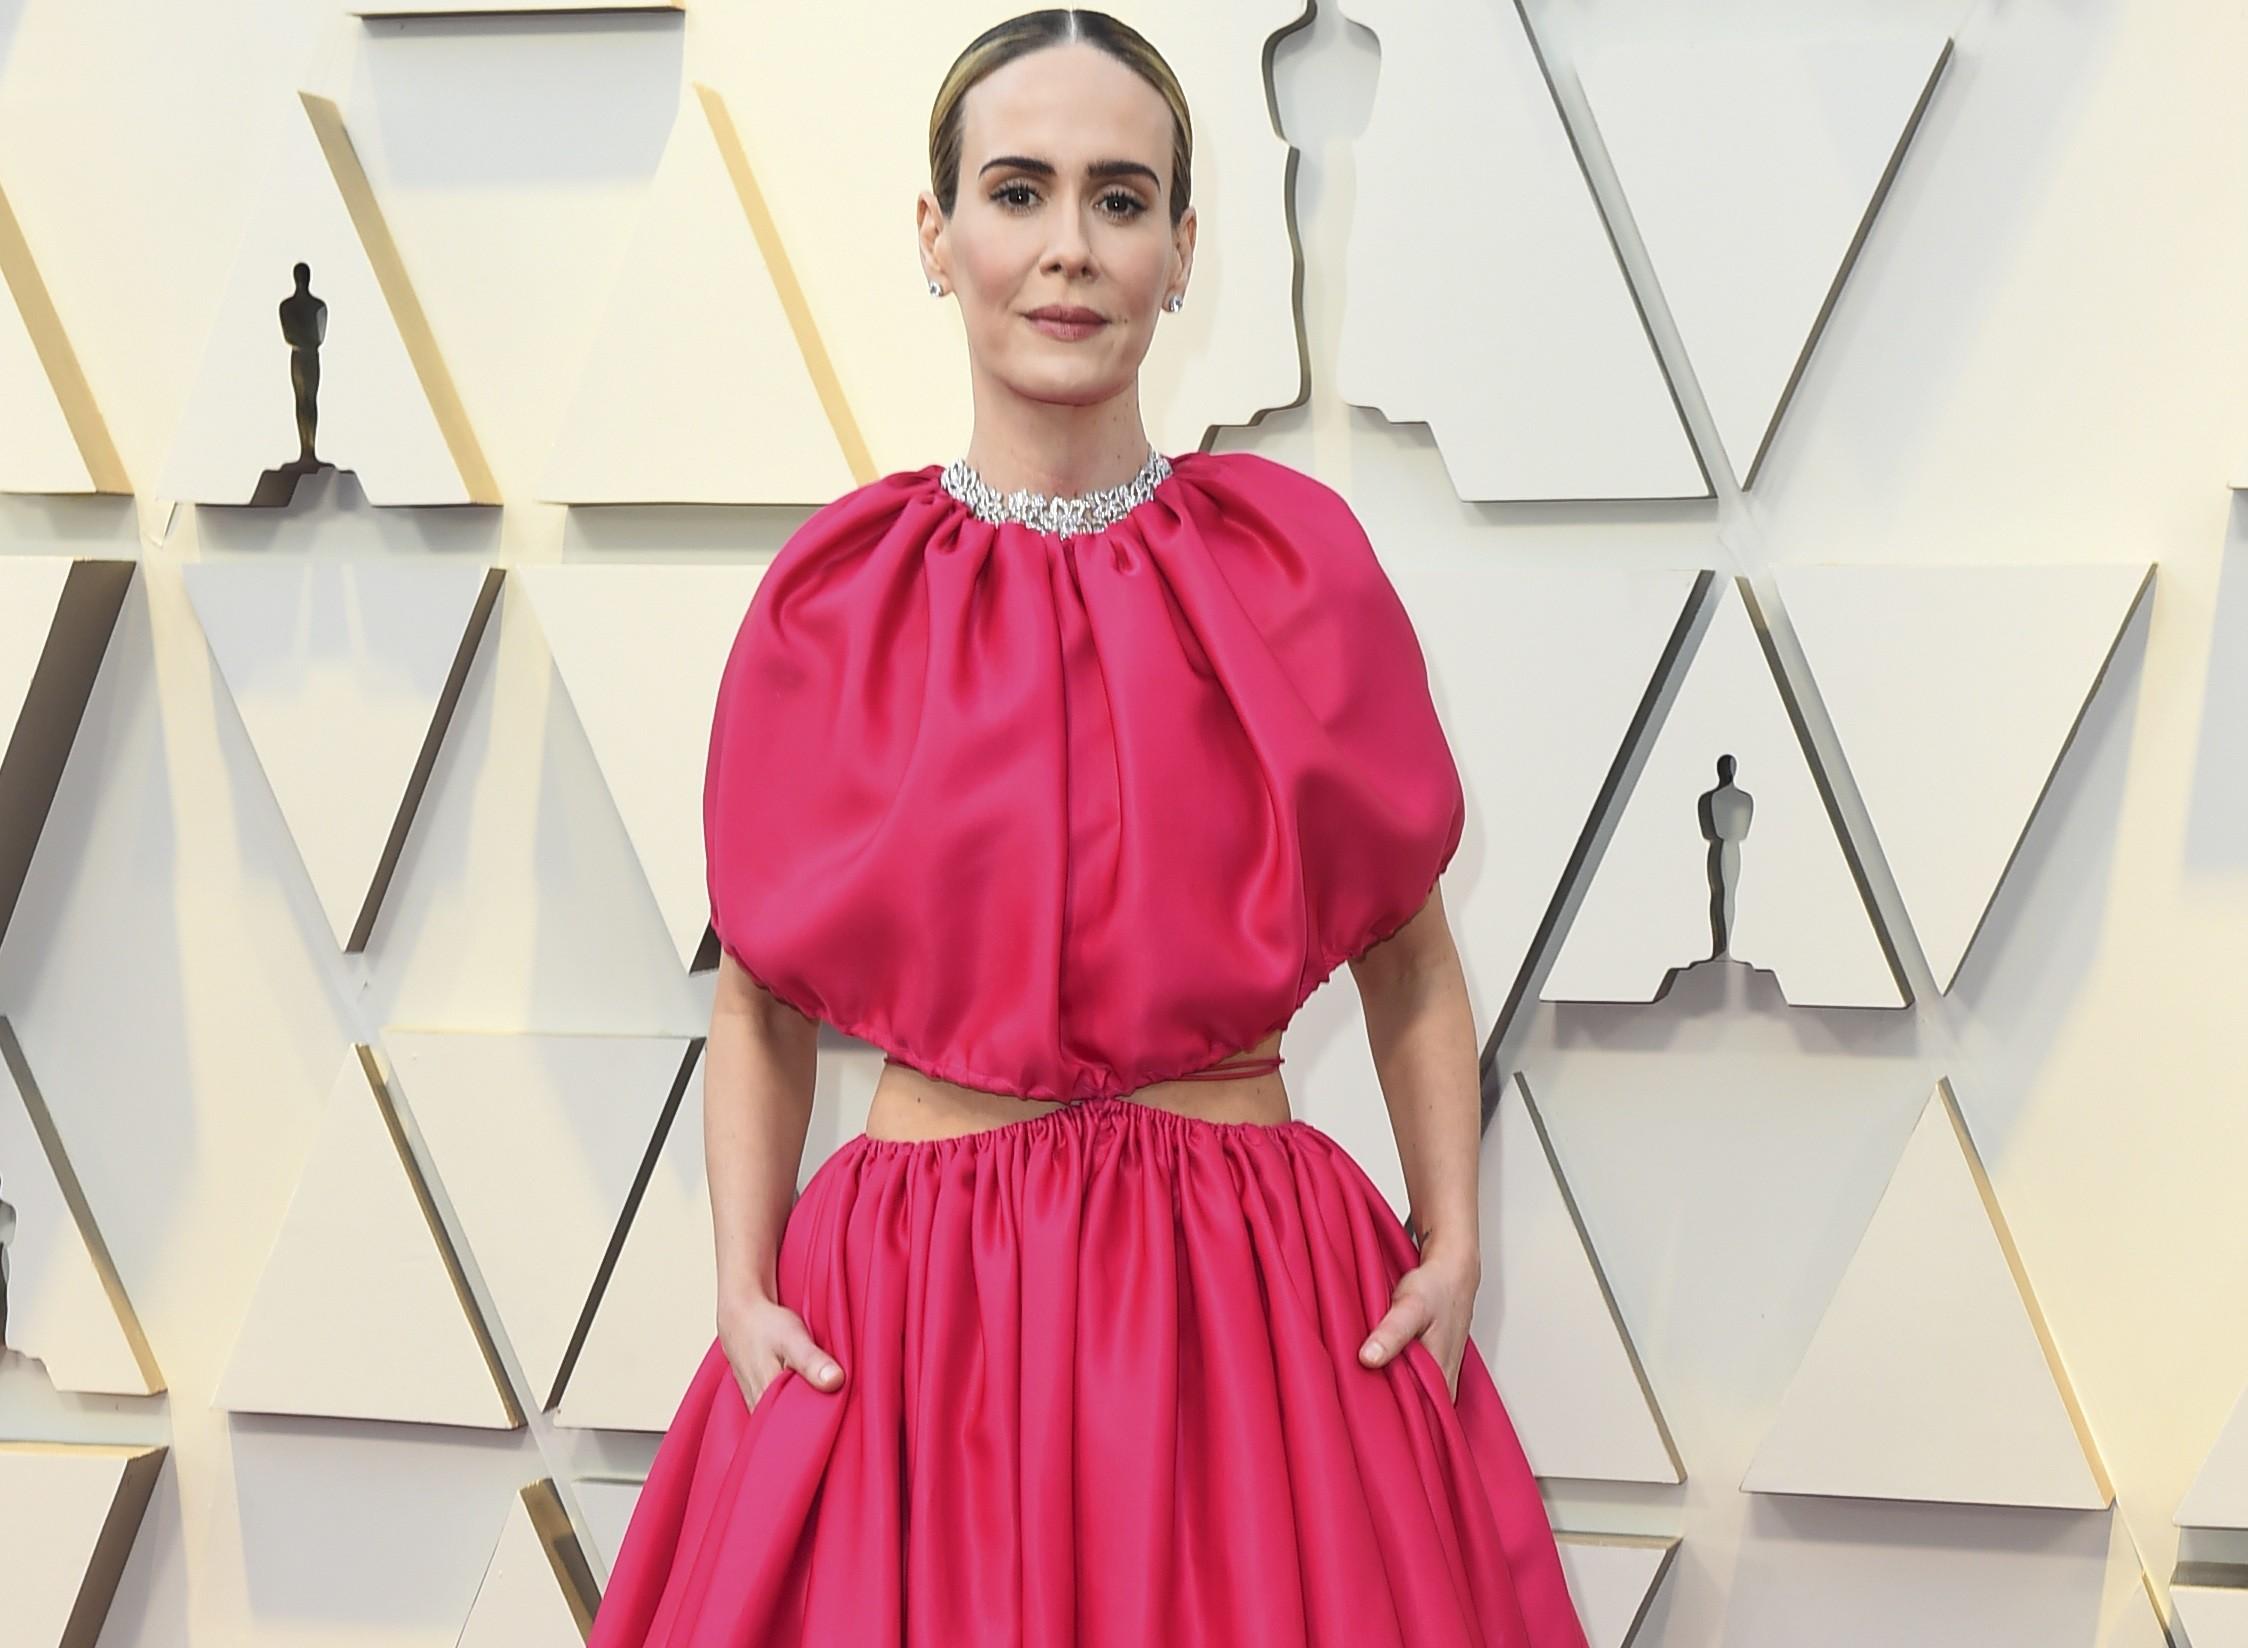 Premios Oscar 2019  Sarah Paulson no teme al volumen y triunfa en la red  carpet a golpe de fucsia 37933feec323